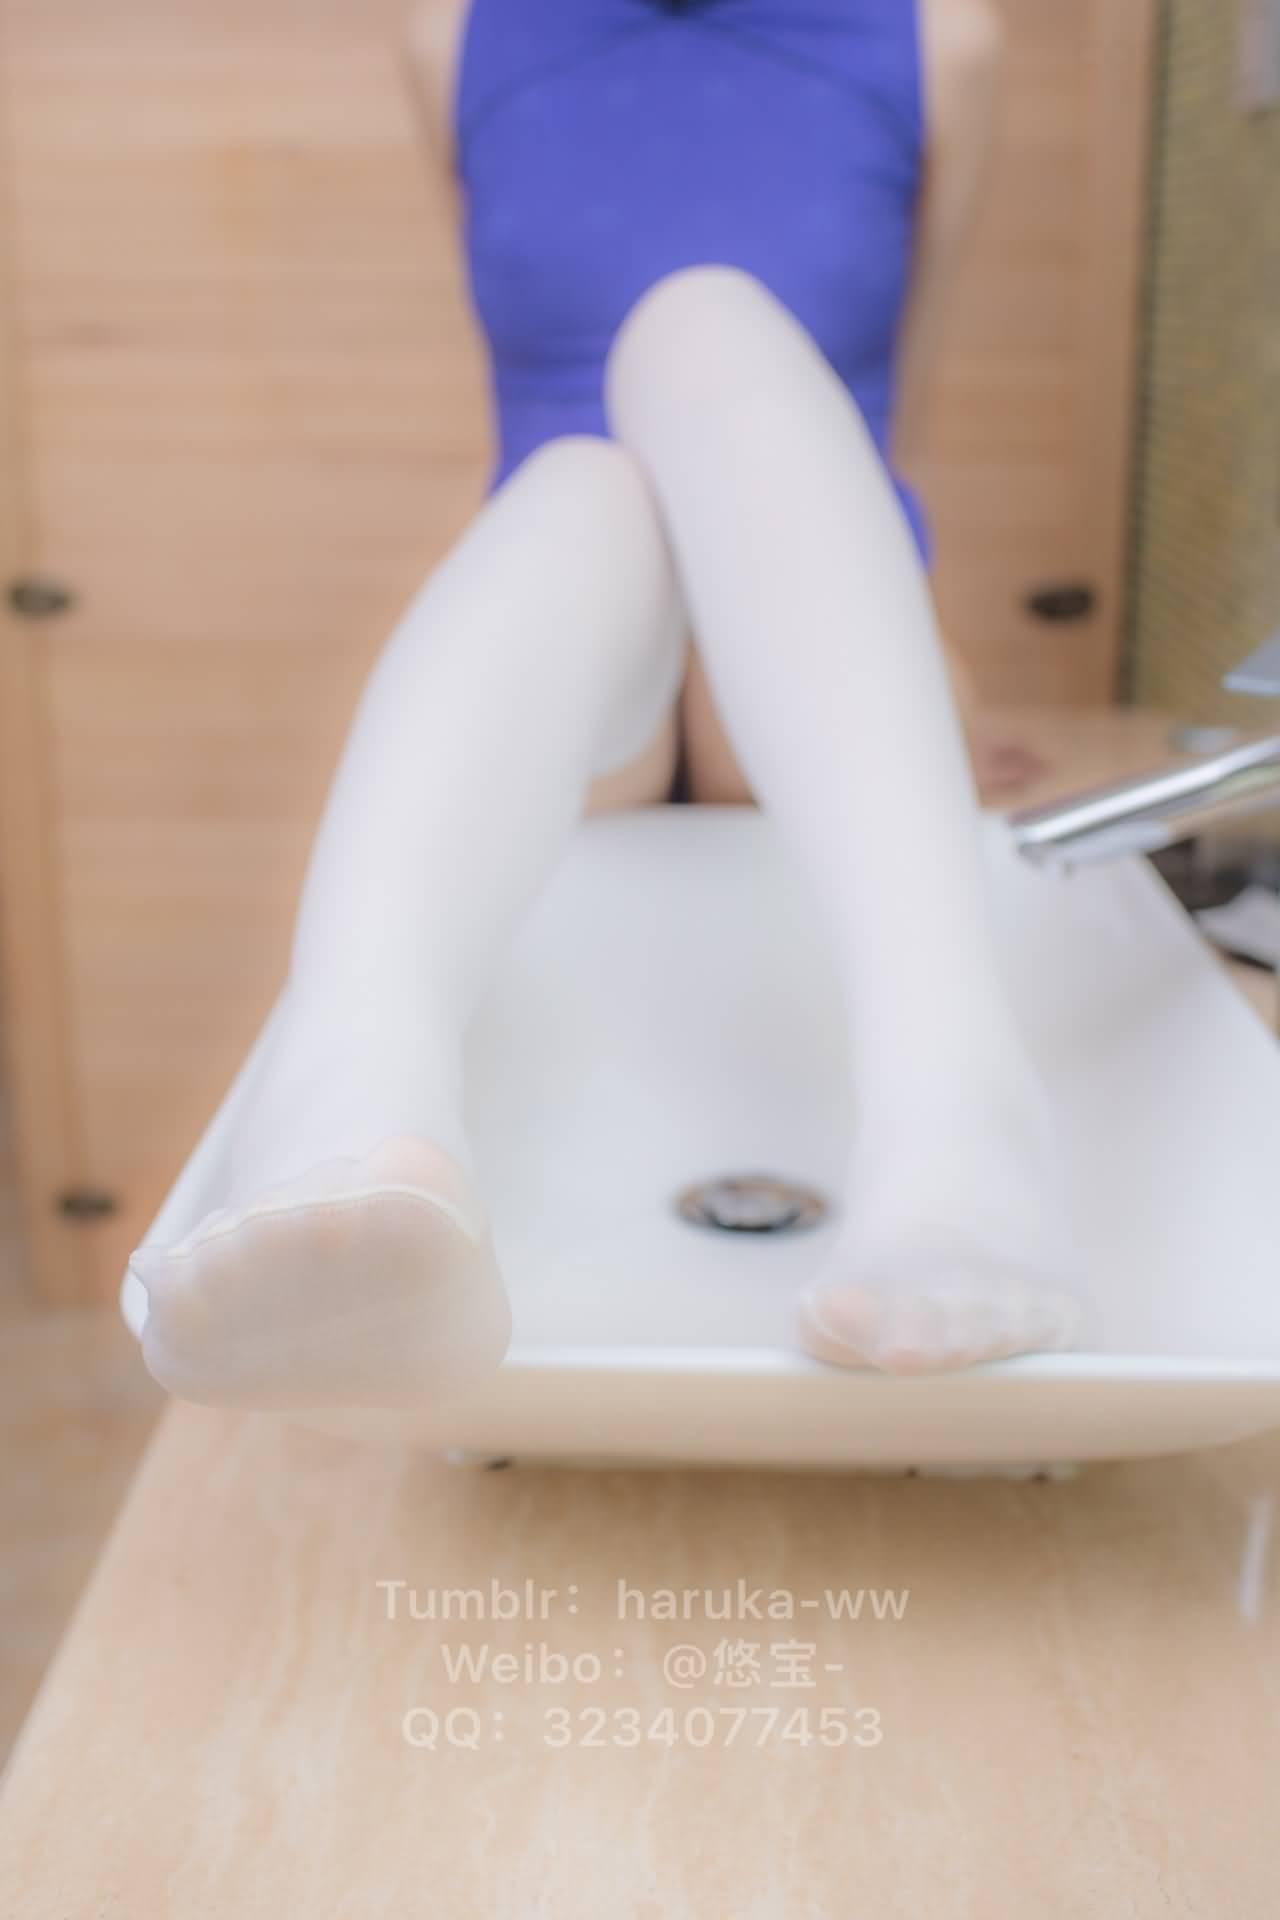 jAPi07 - Young japanese school girl white stockings cheongsam 悠宝三岁 白丝旗袍